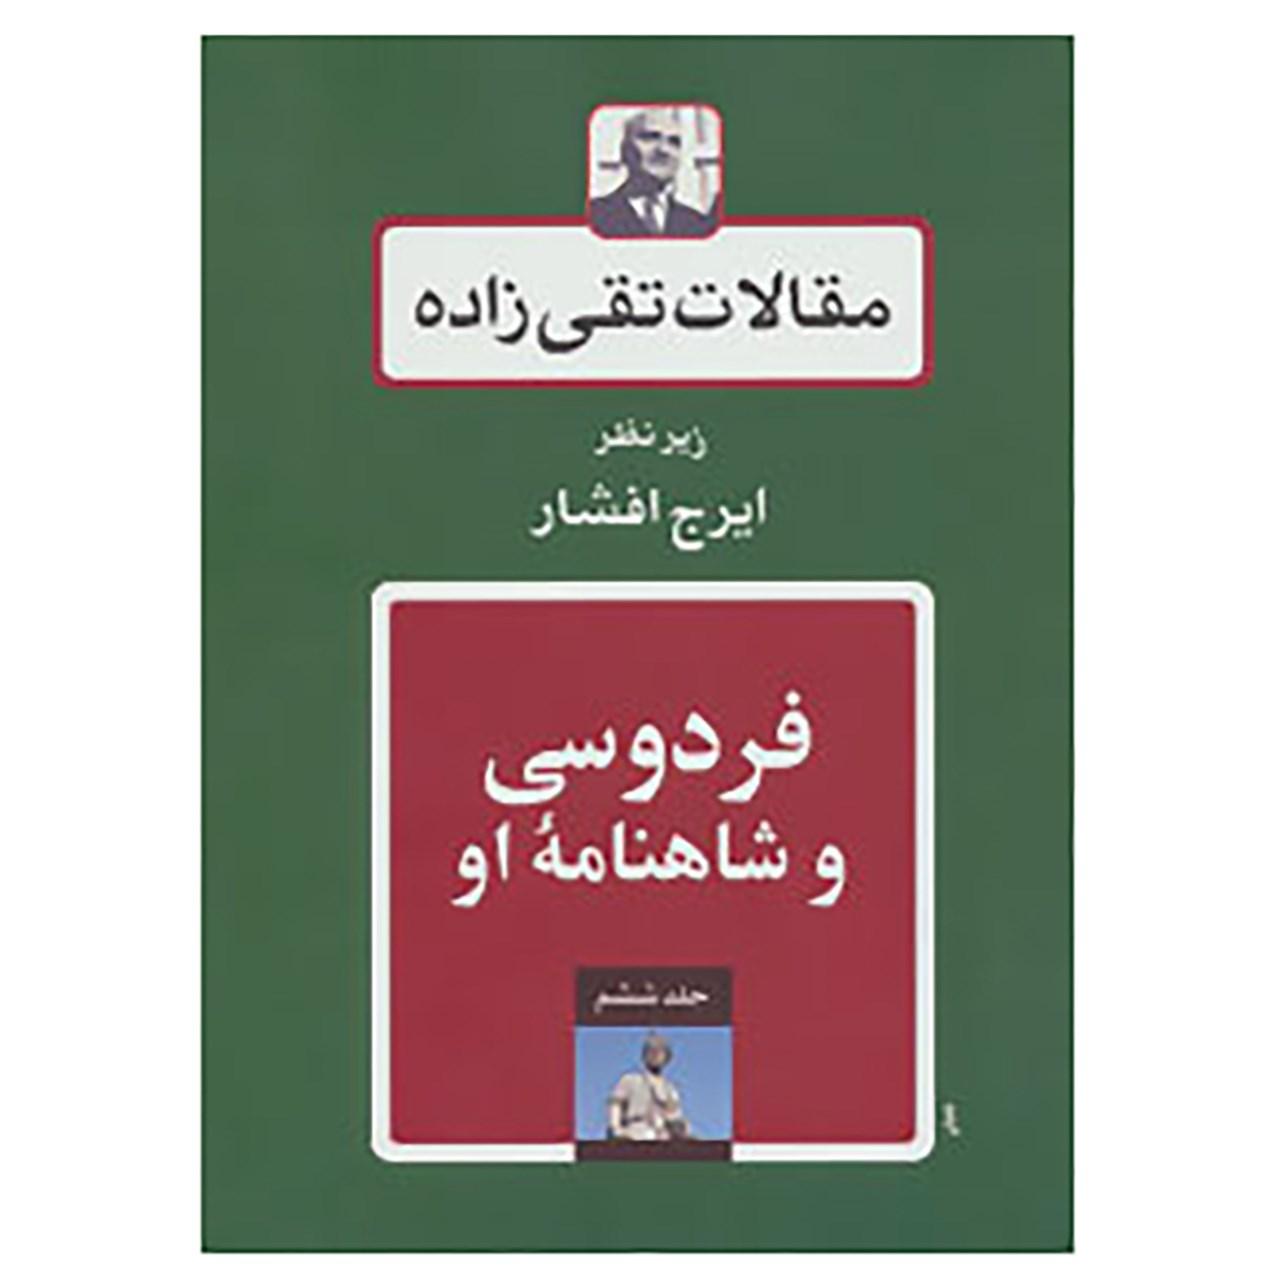 کتاب مقالات تقی زاده 6 اثر حسن تقی زاده